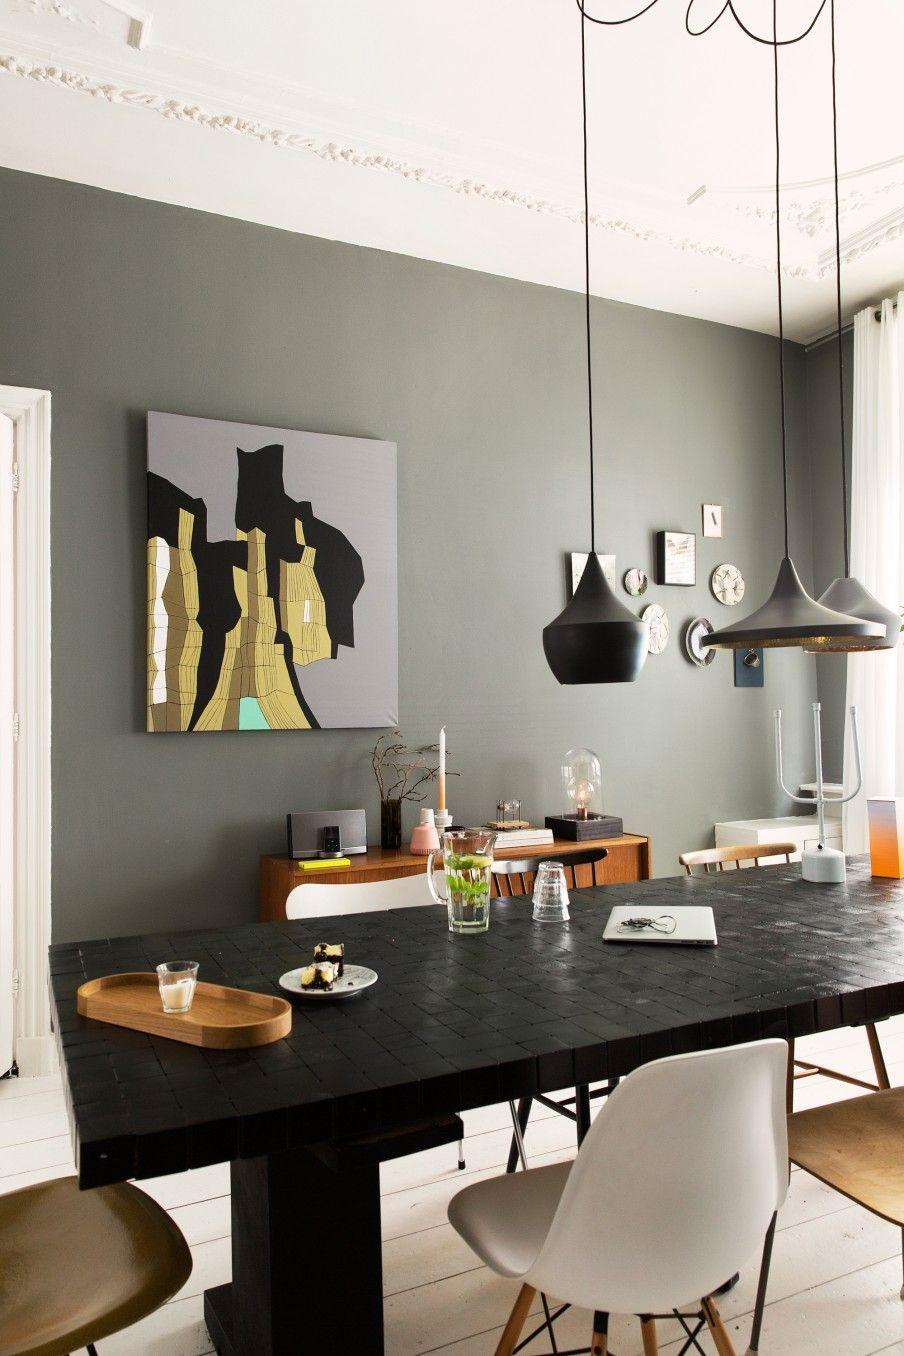 Haags Benedenwoning à manger peinture herenhuisSalle lFK1Tc35uJ